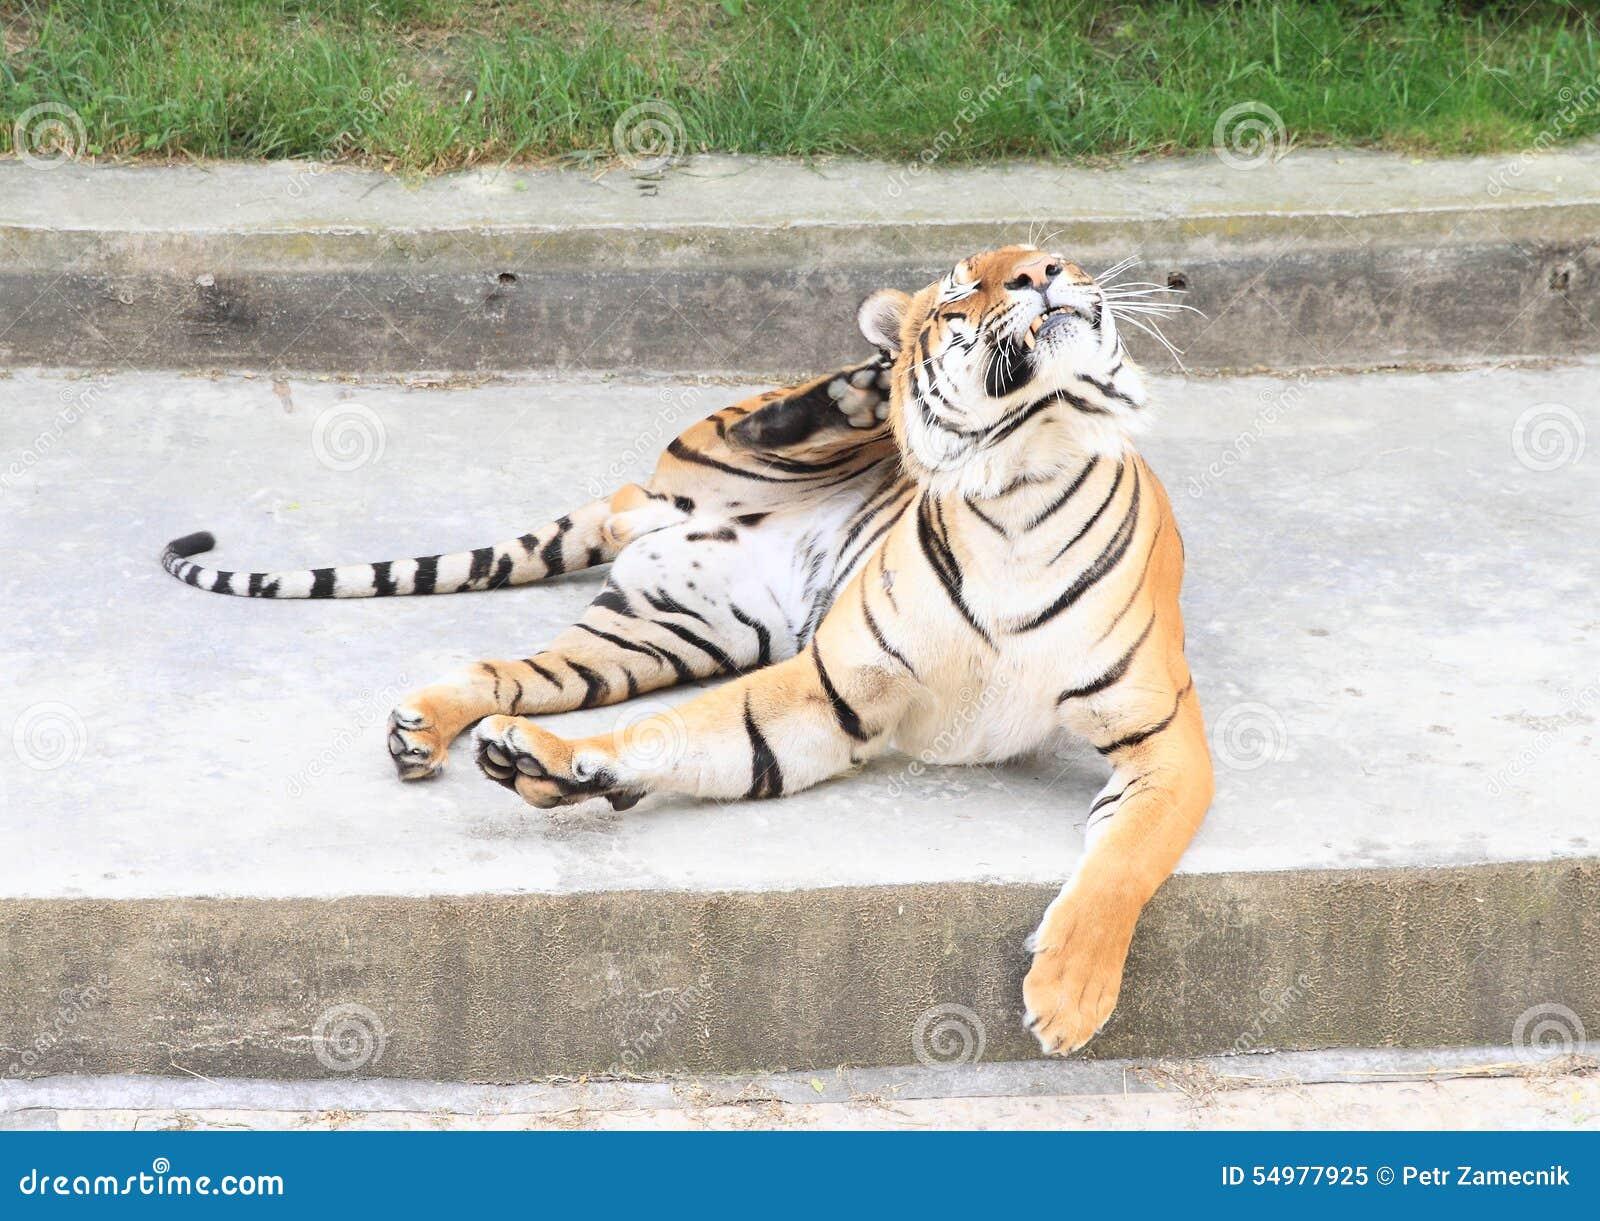 Riscando o tigre